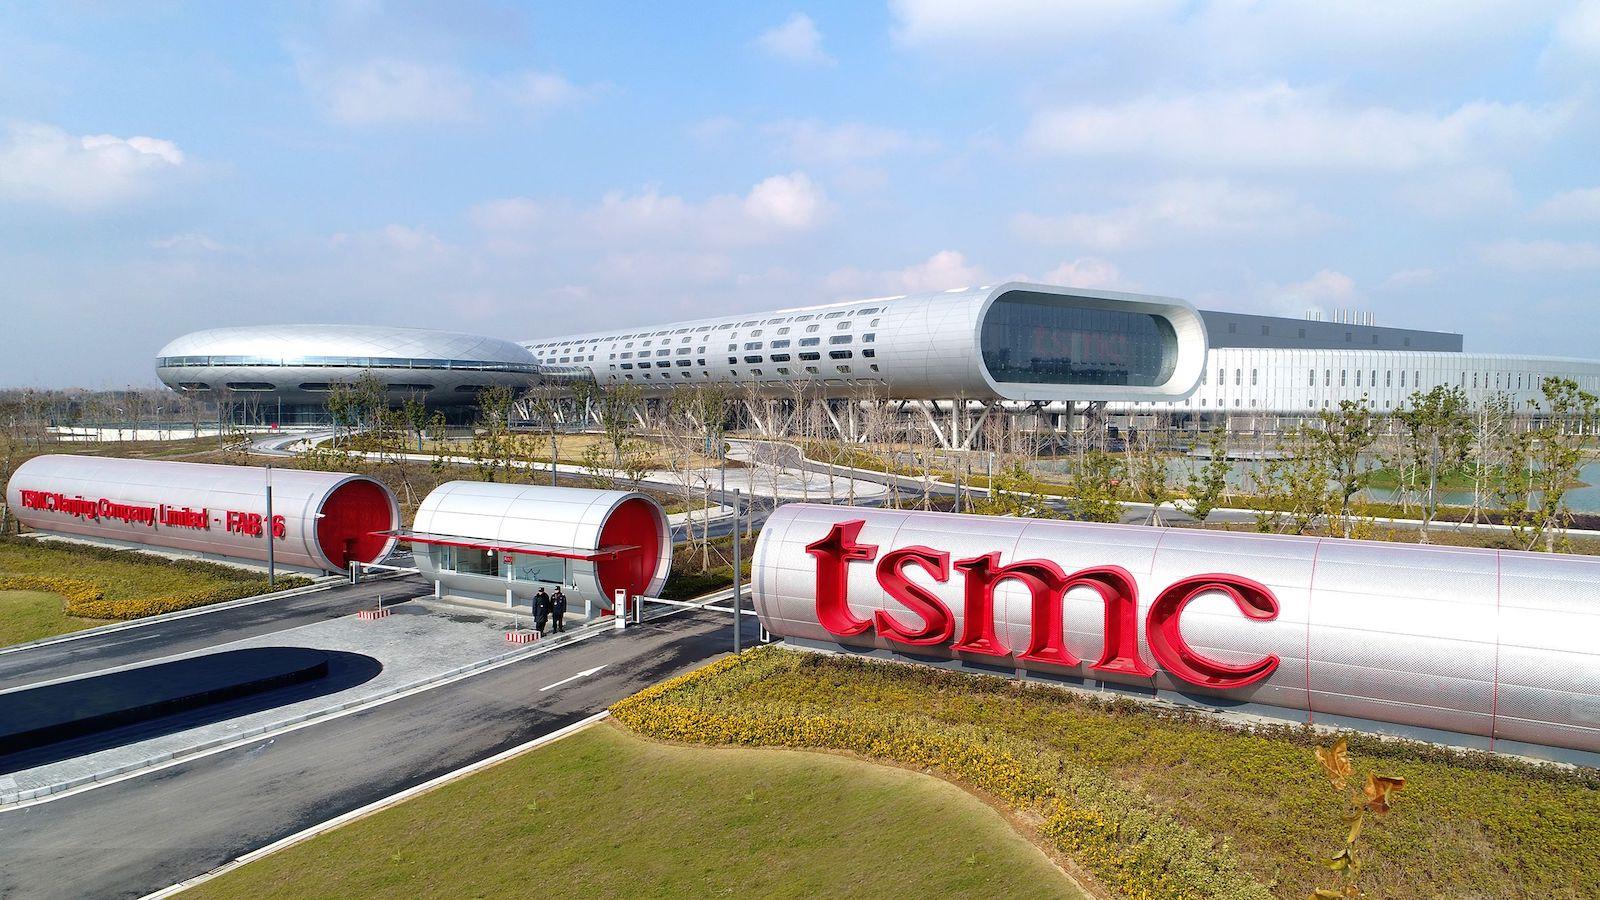 TSMC:s anläggning i Taiwan. Foto: TSMC